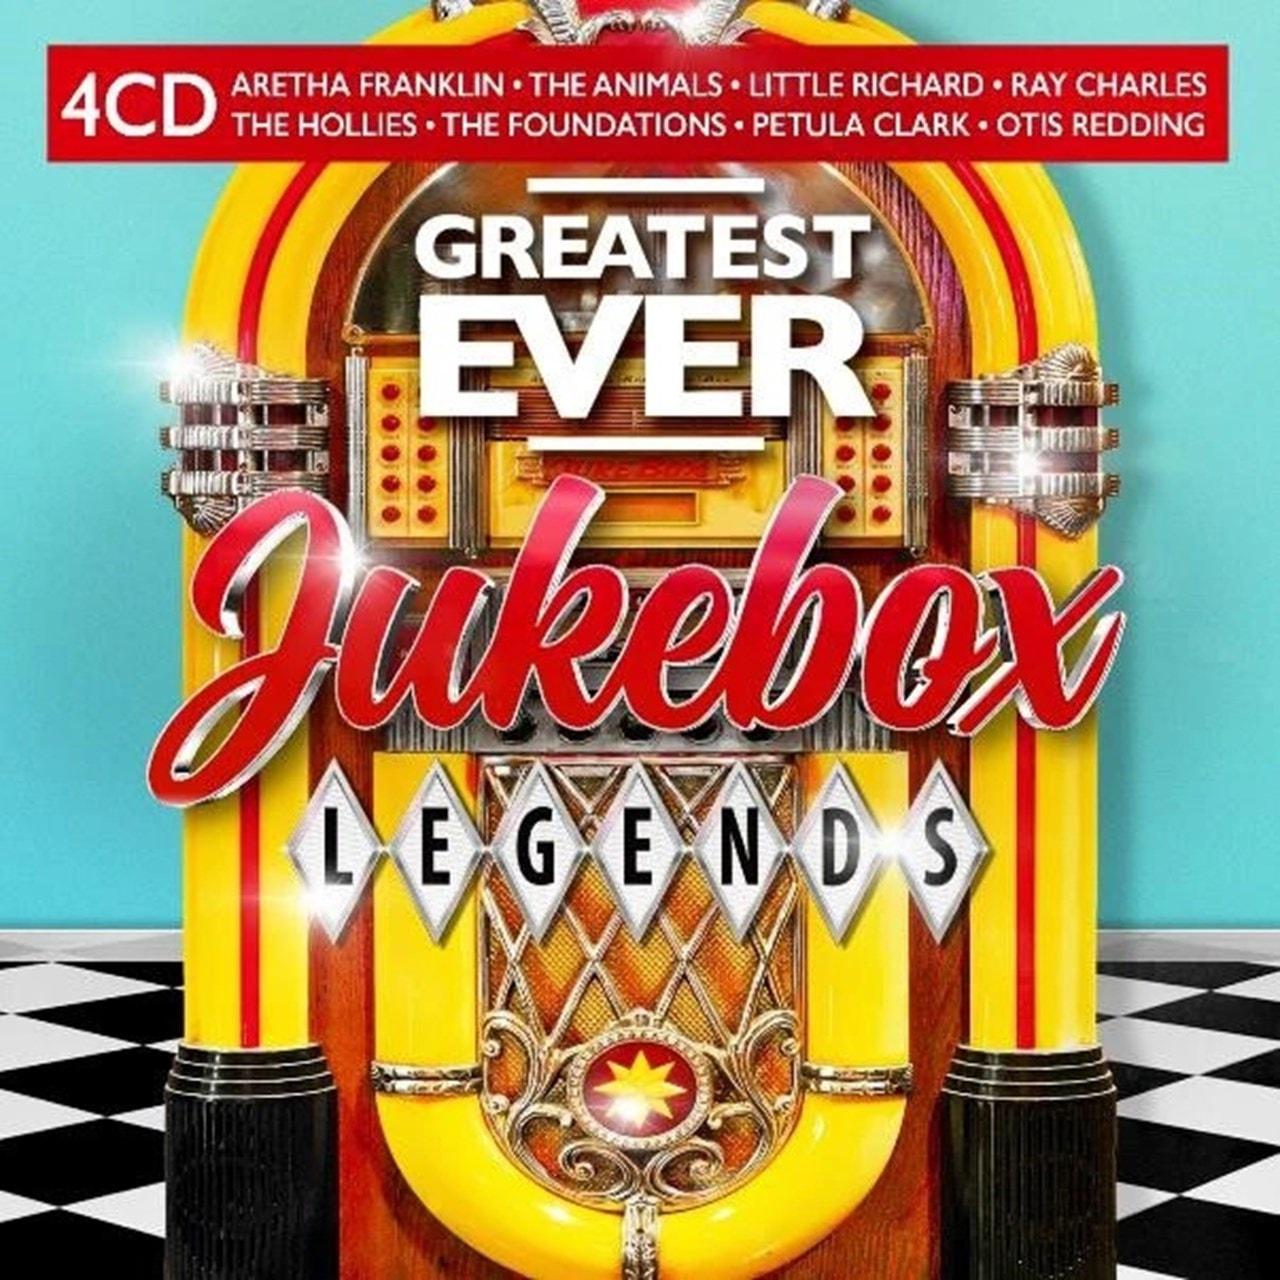 Greatest Ever Jukebox Legends - 1